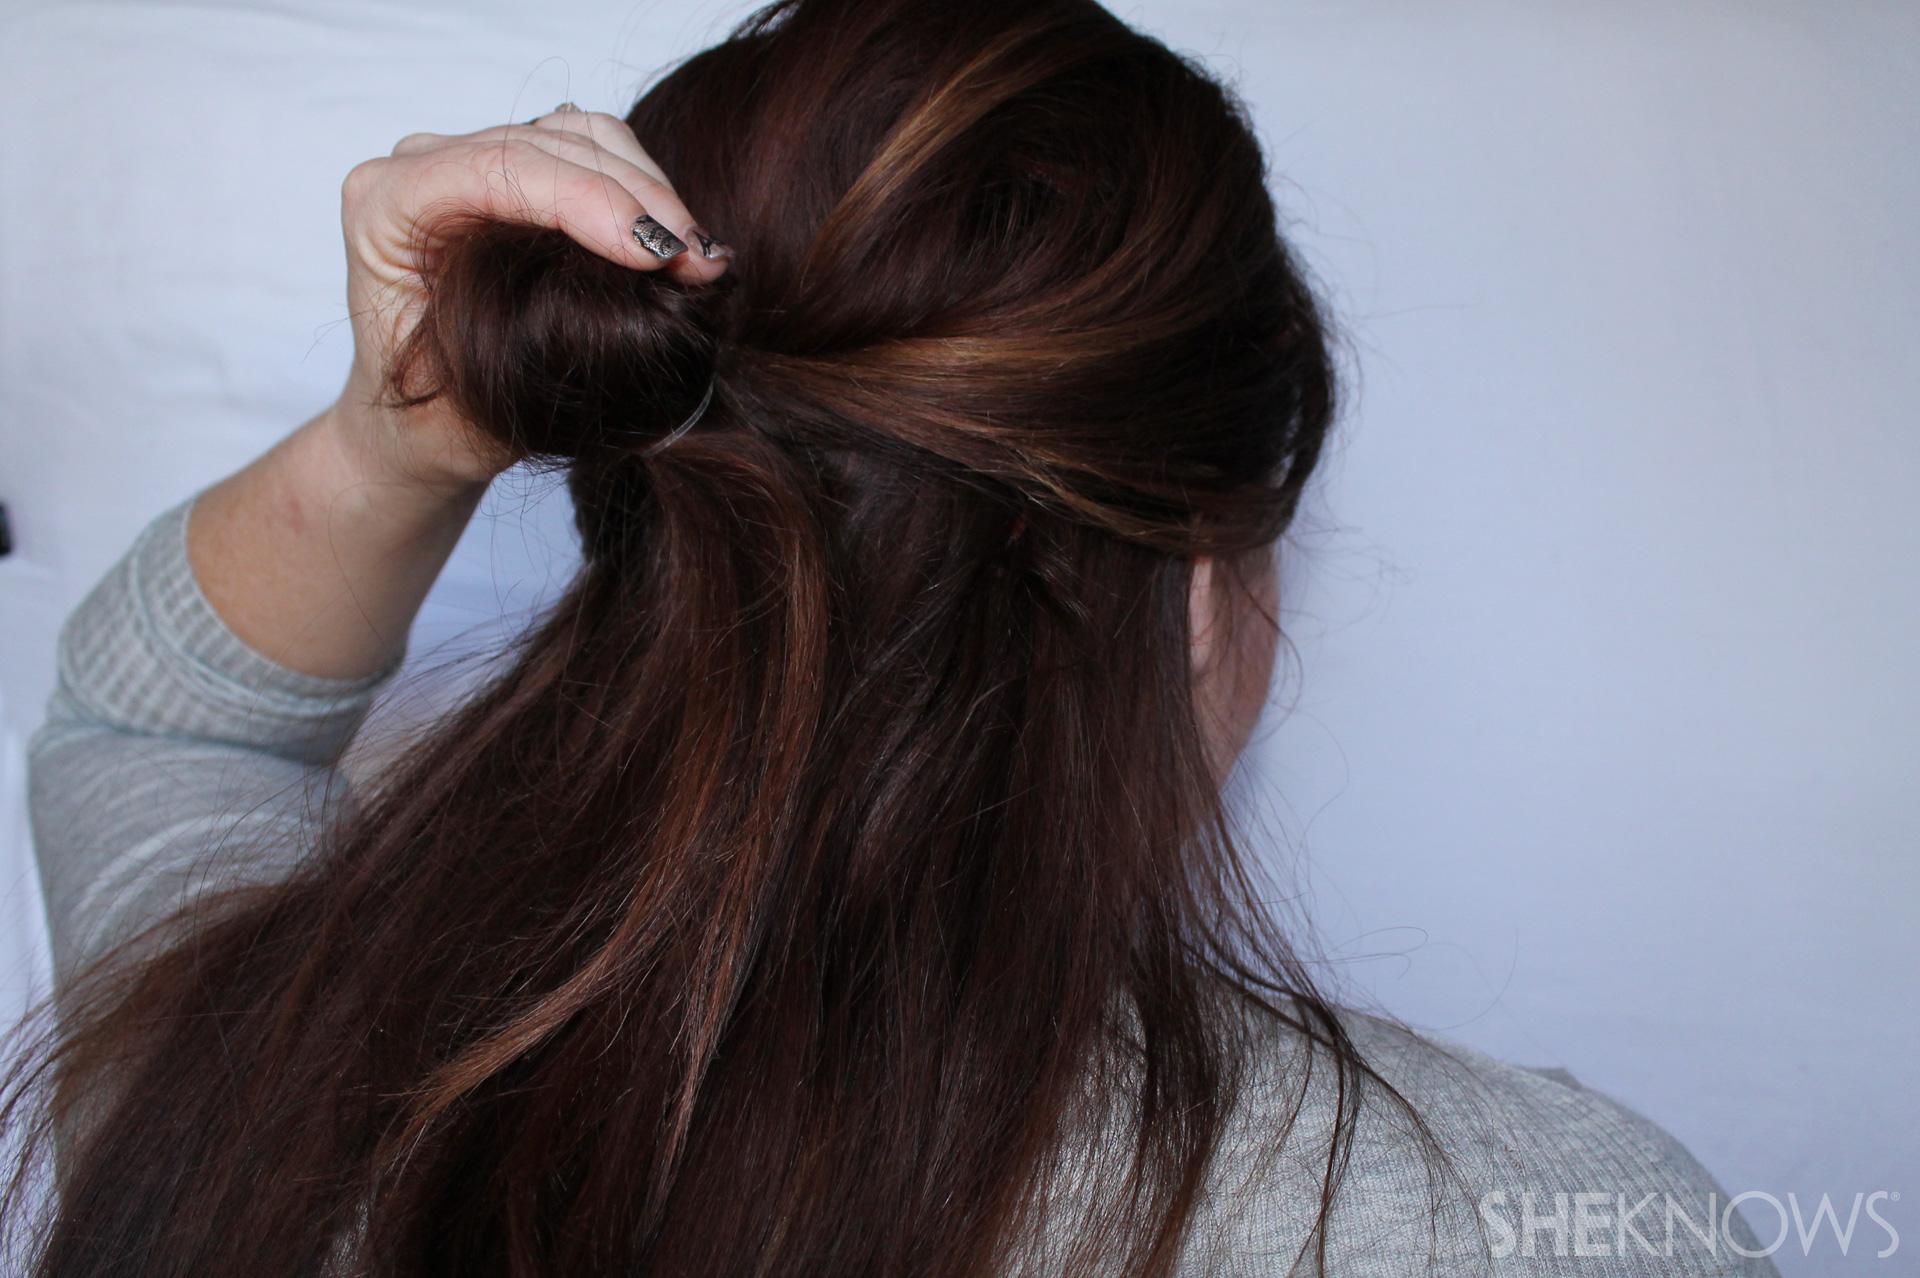 Thin hair tutorial | Sheknows.com - step 09